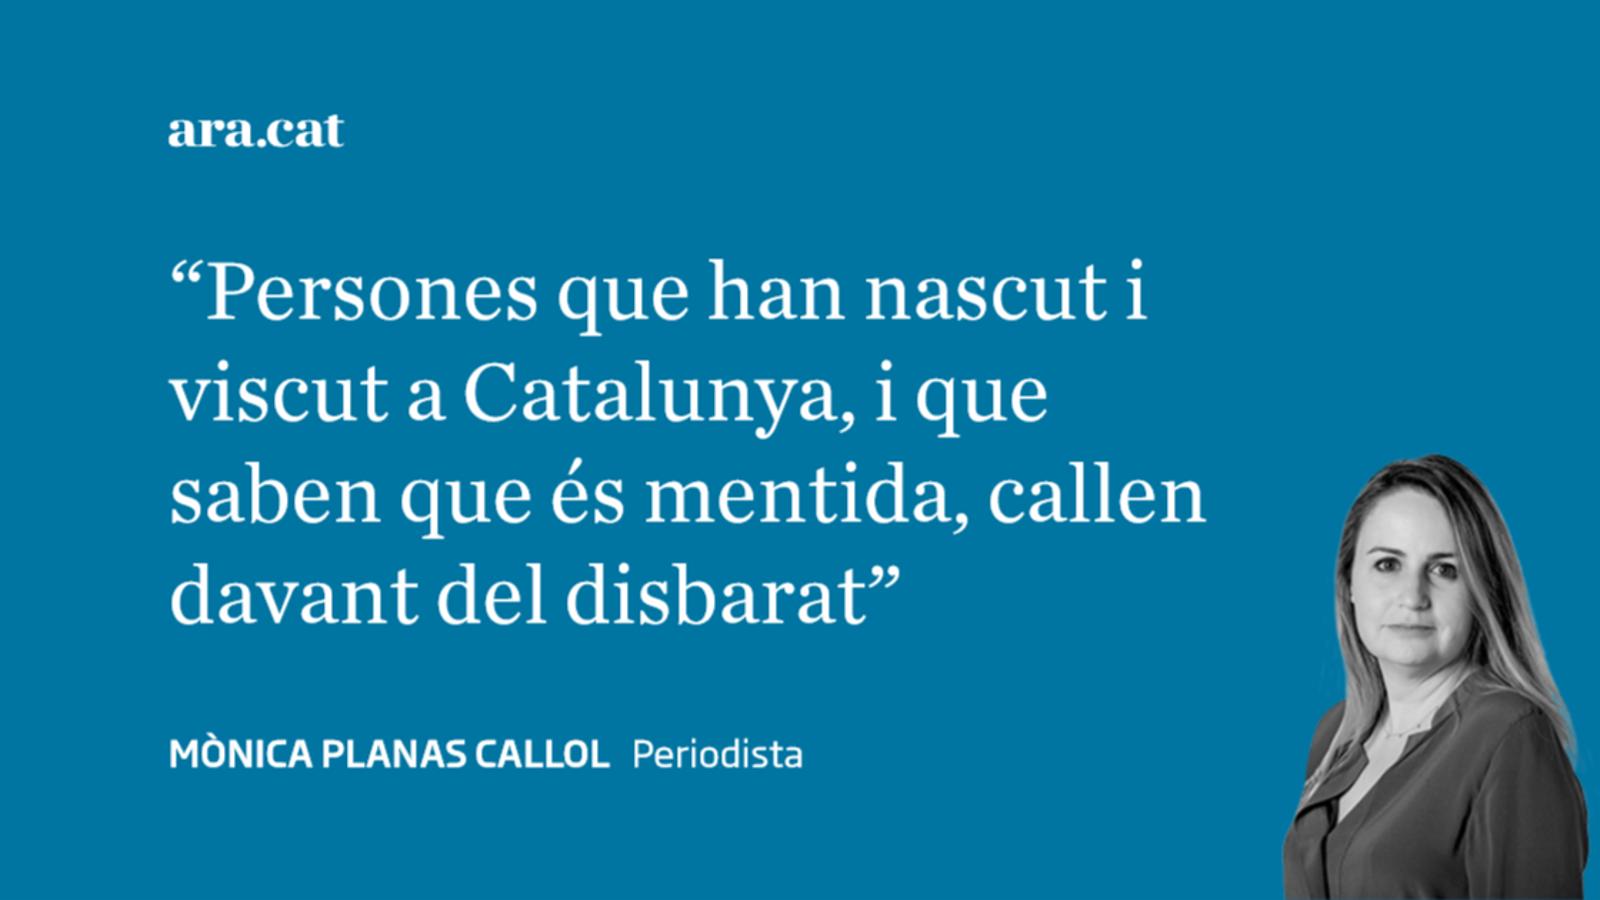 Les mentides del català i els que callen